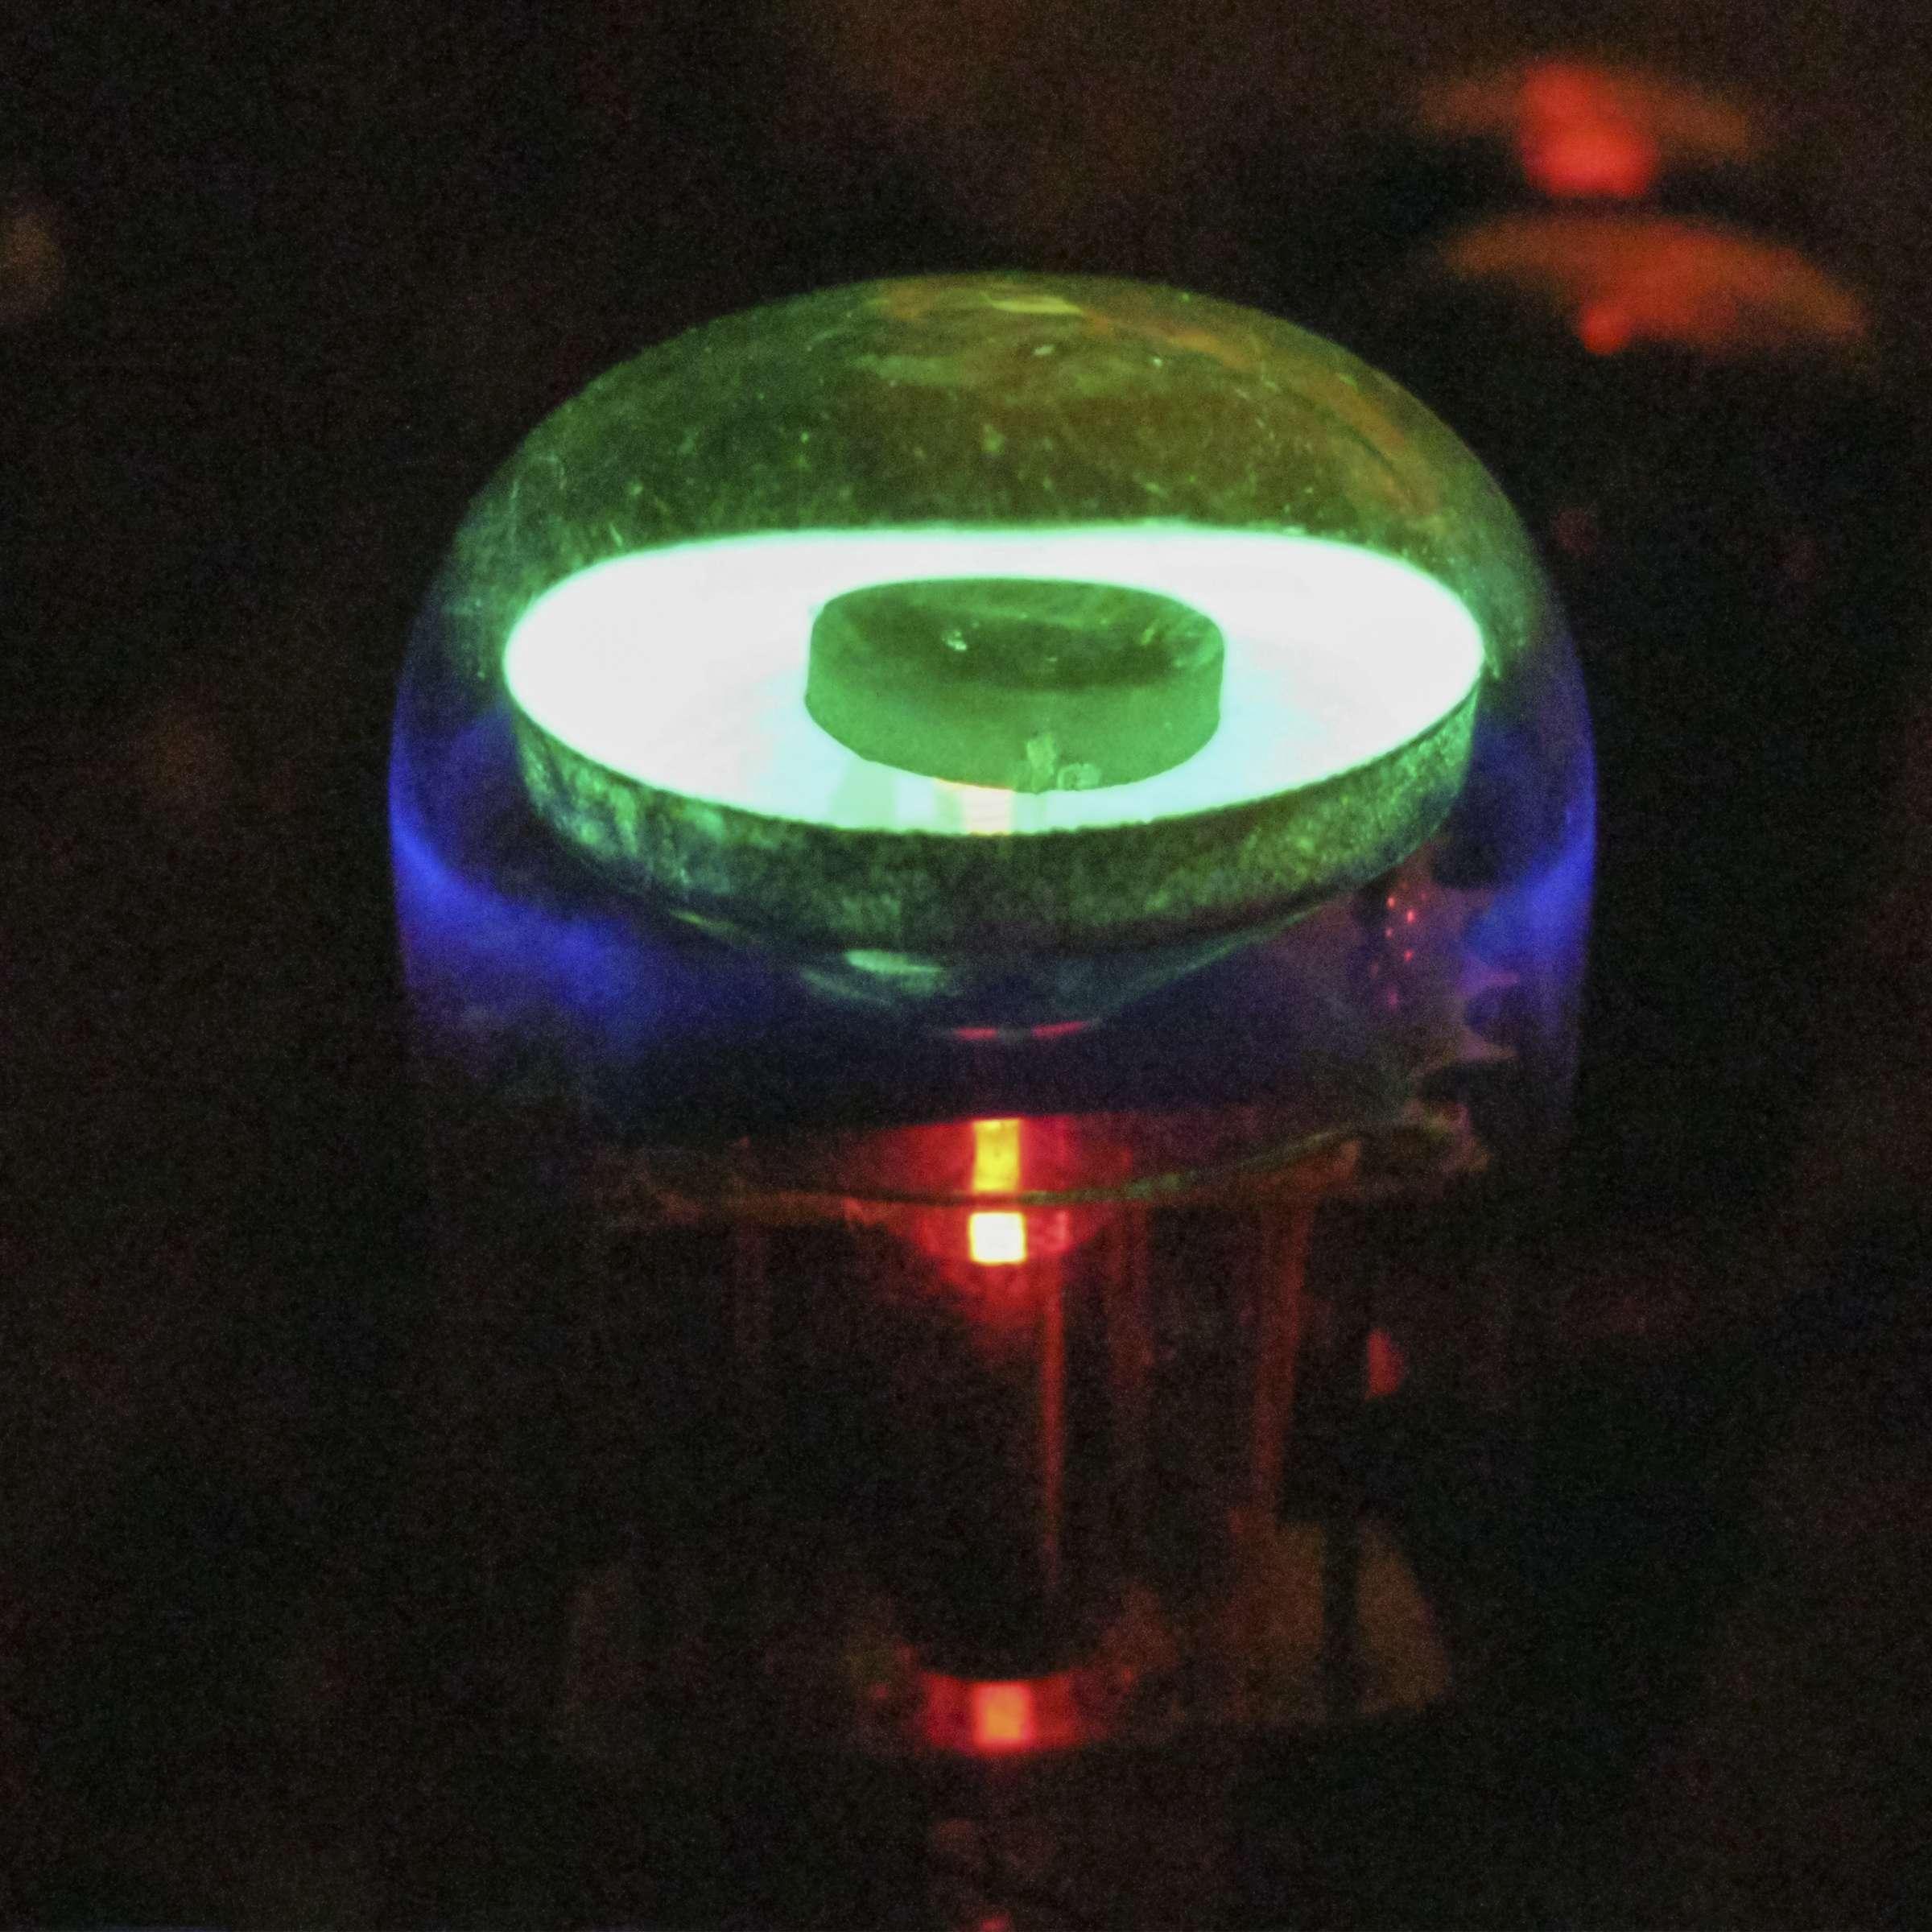 Усилитель с нестандартным использованием ламп при проведении испытаний